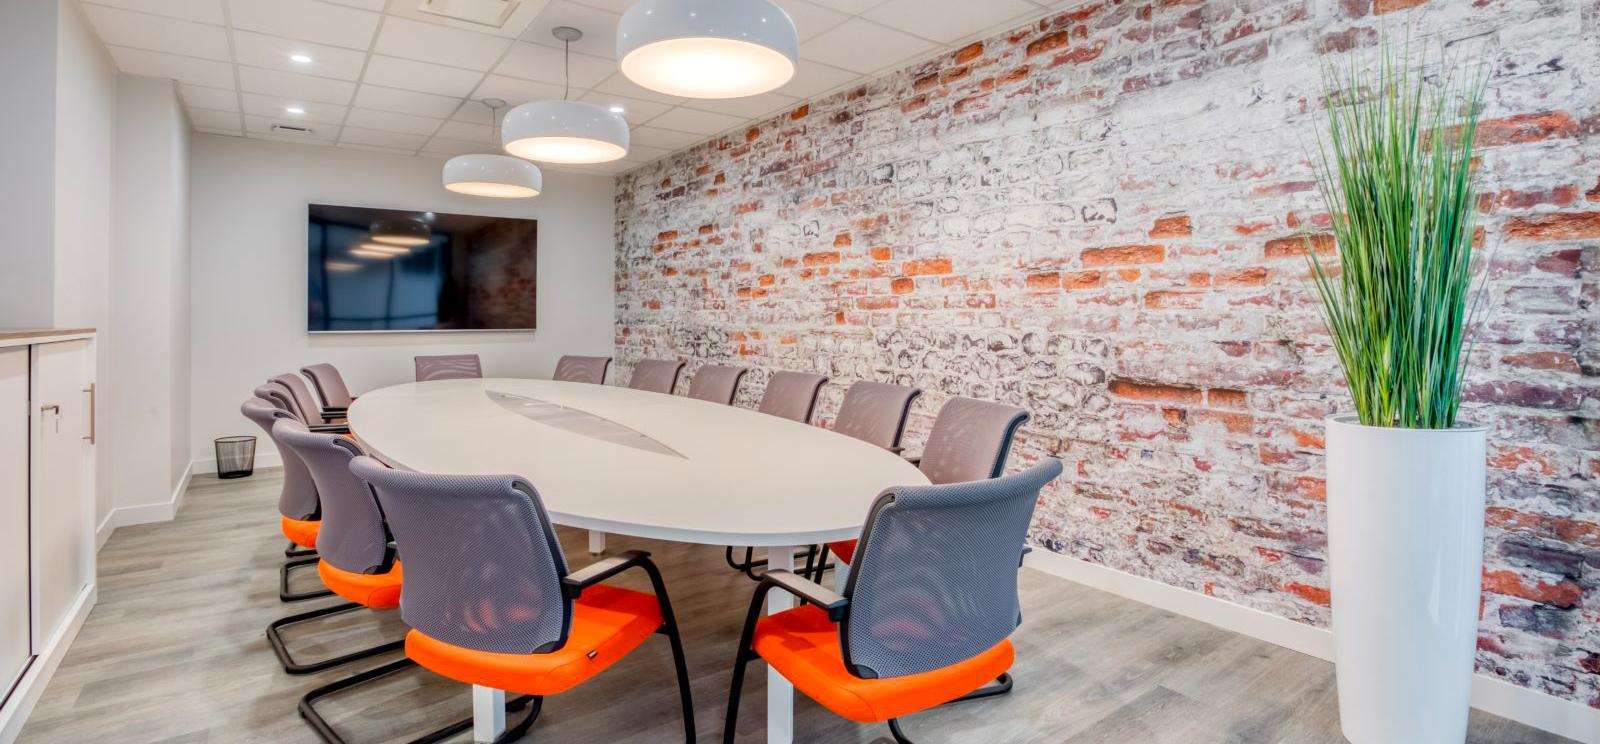 amenagement expert comptable reunion2 - Aménagement d'un cabinet d'expertise comptable